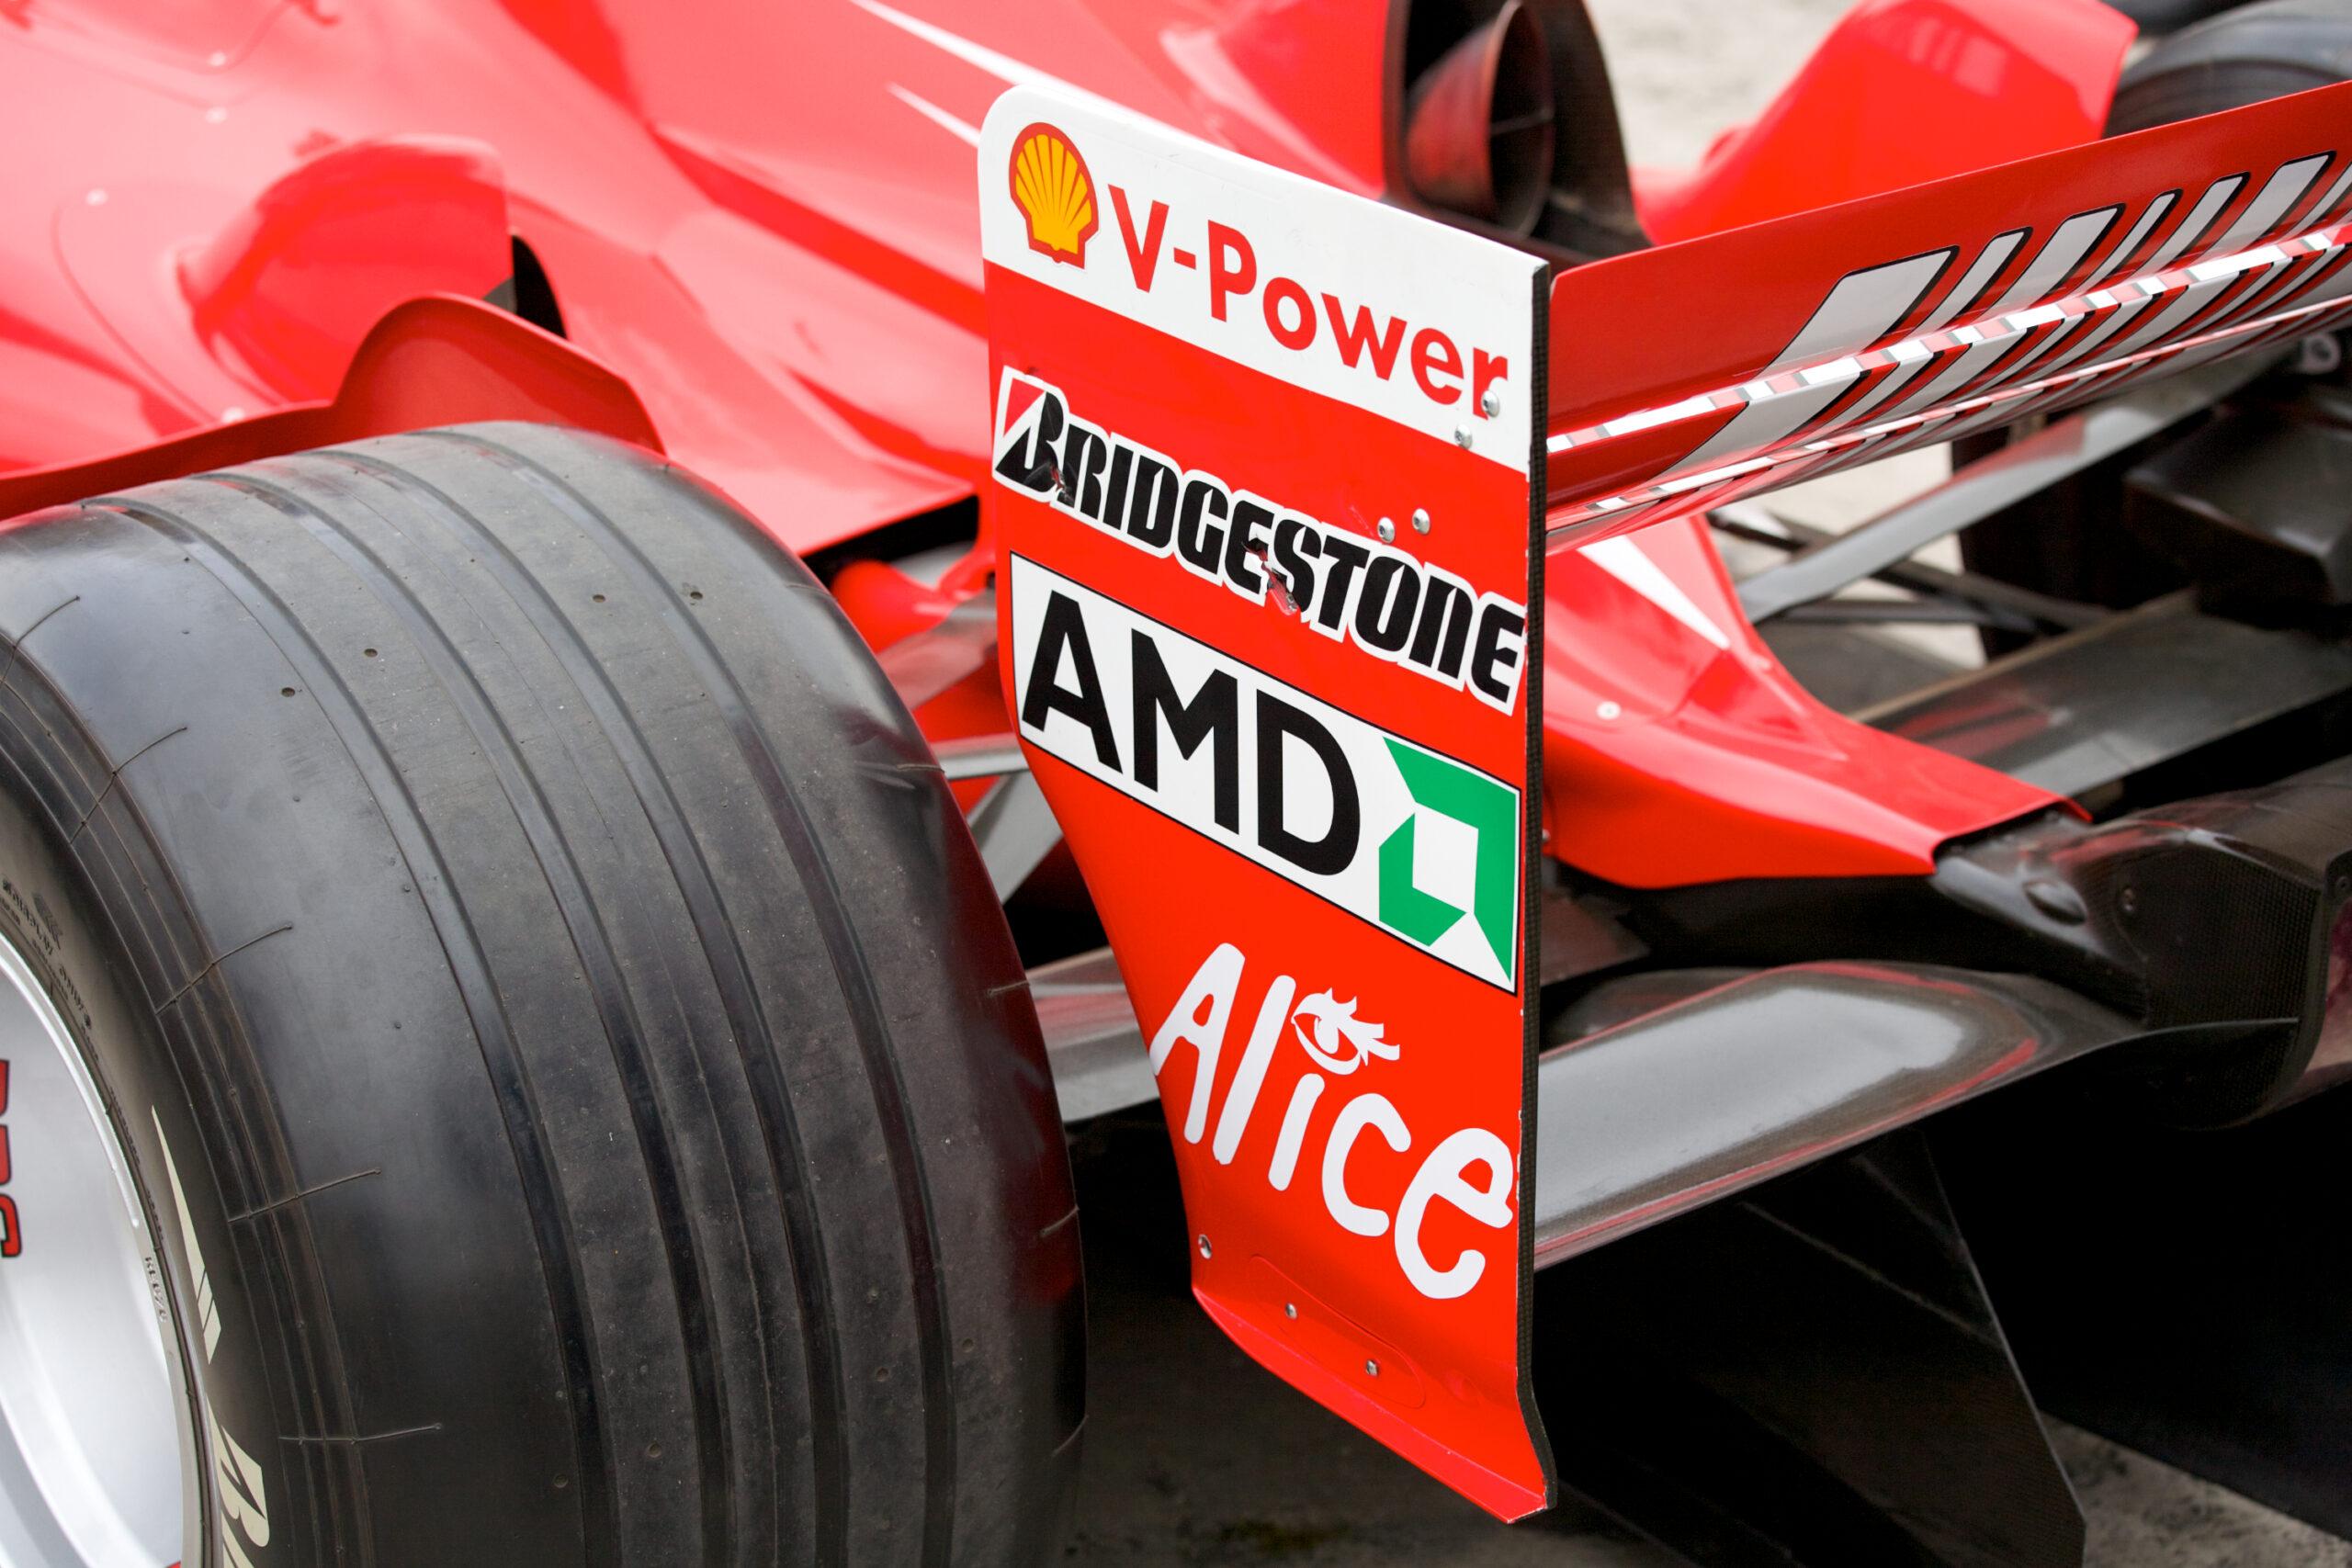 Aerofólio traseiro de um carro de Fórmula 1 da Ferrari.